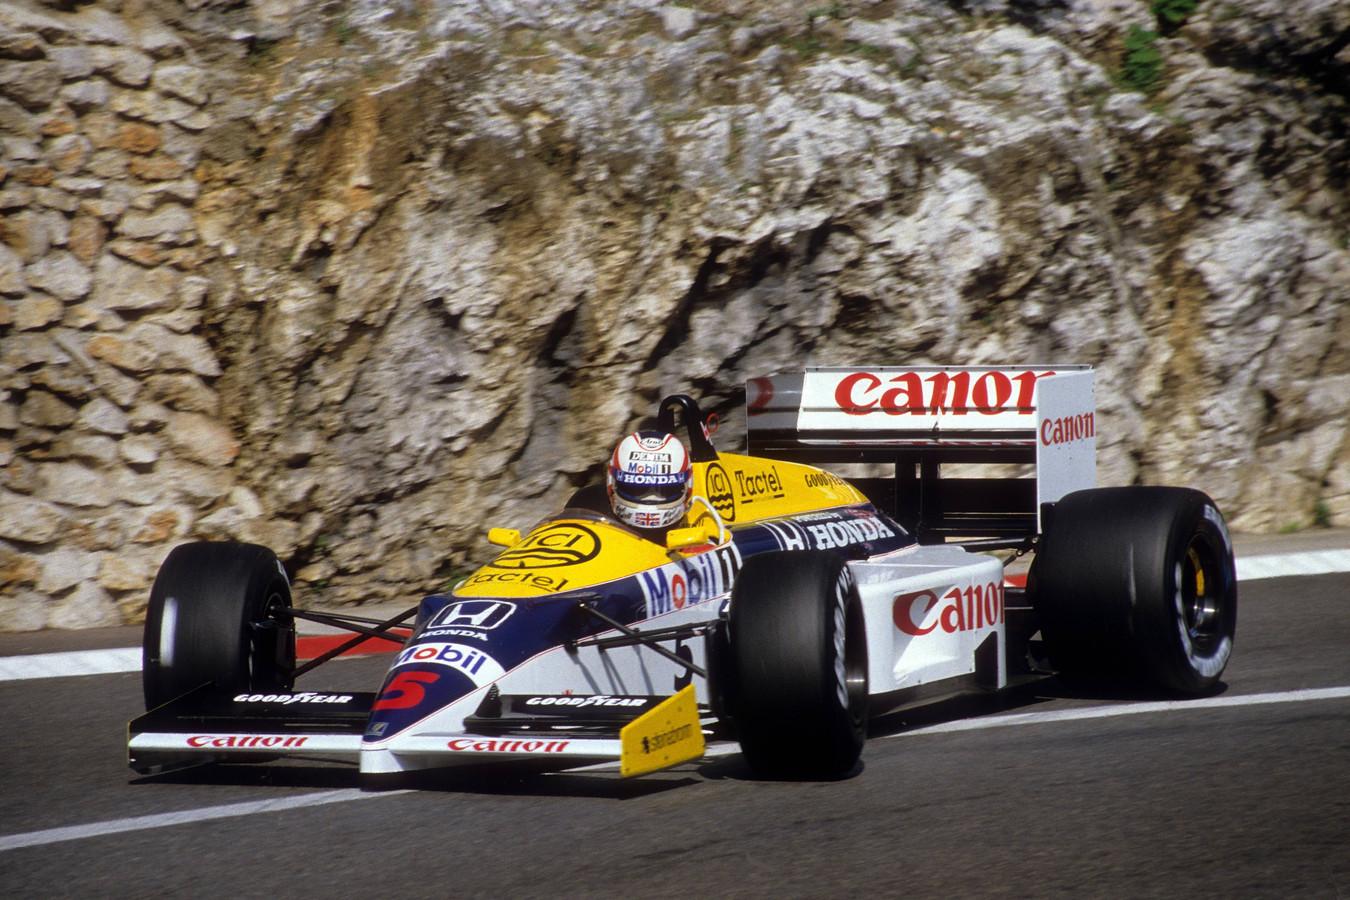 De blauw-wit-gele Williams, met Nigel Mansell achter het stuur.